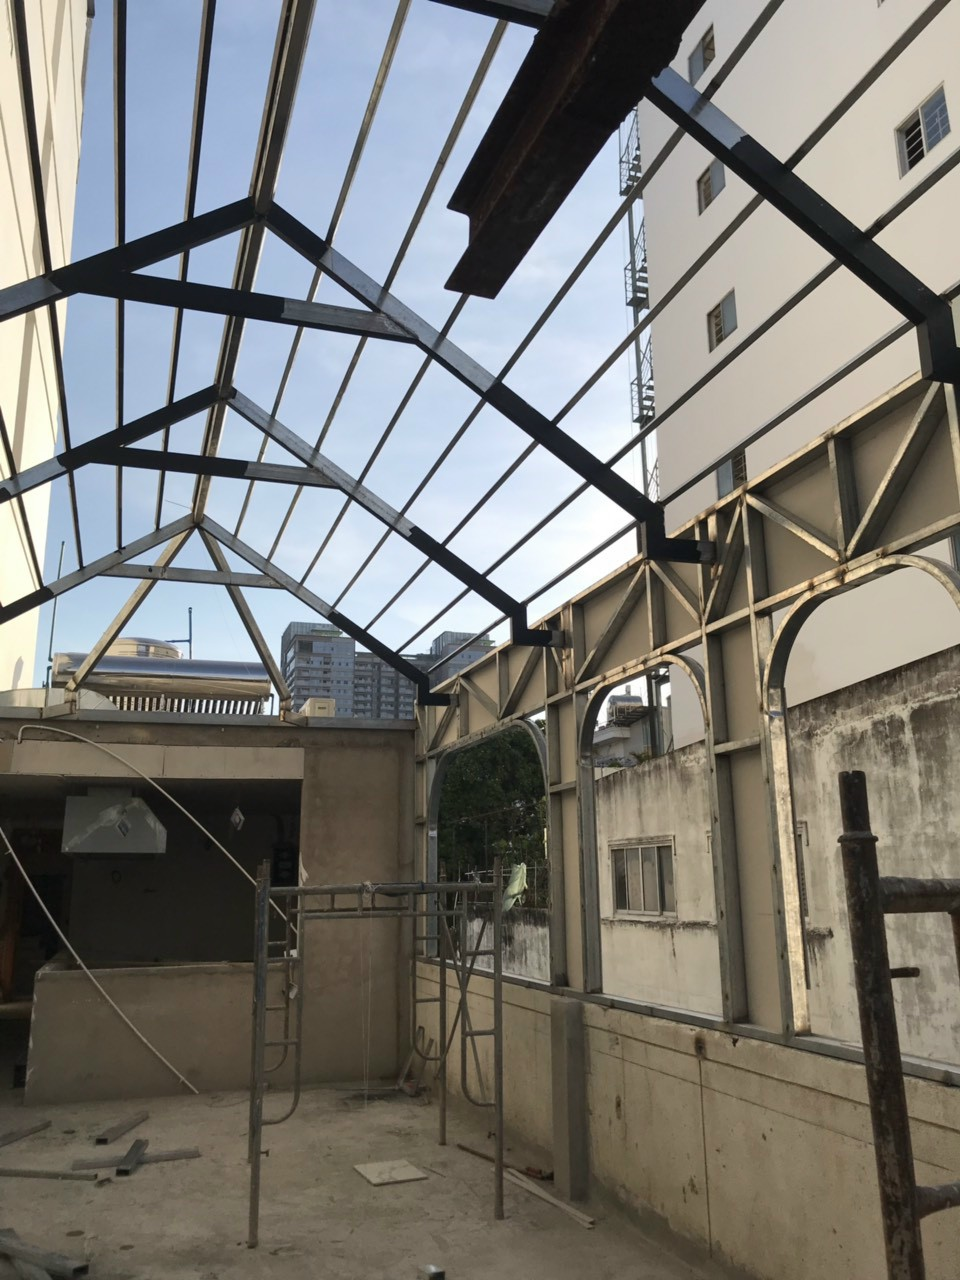 làm mái tôn tại Đồng Nai - lợp mái tôn quận 9 - Mái Nhà Đẹp - 0368115251